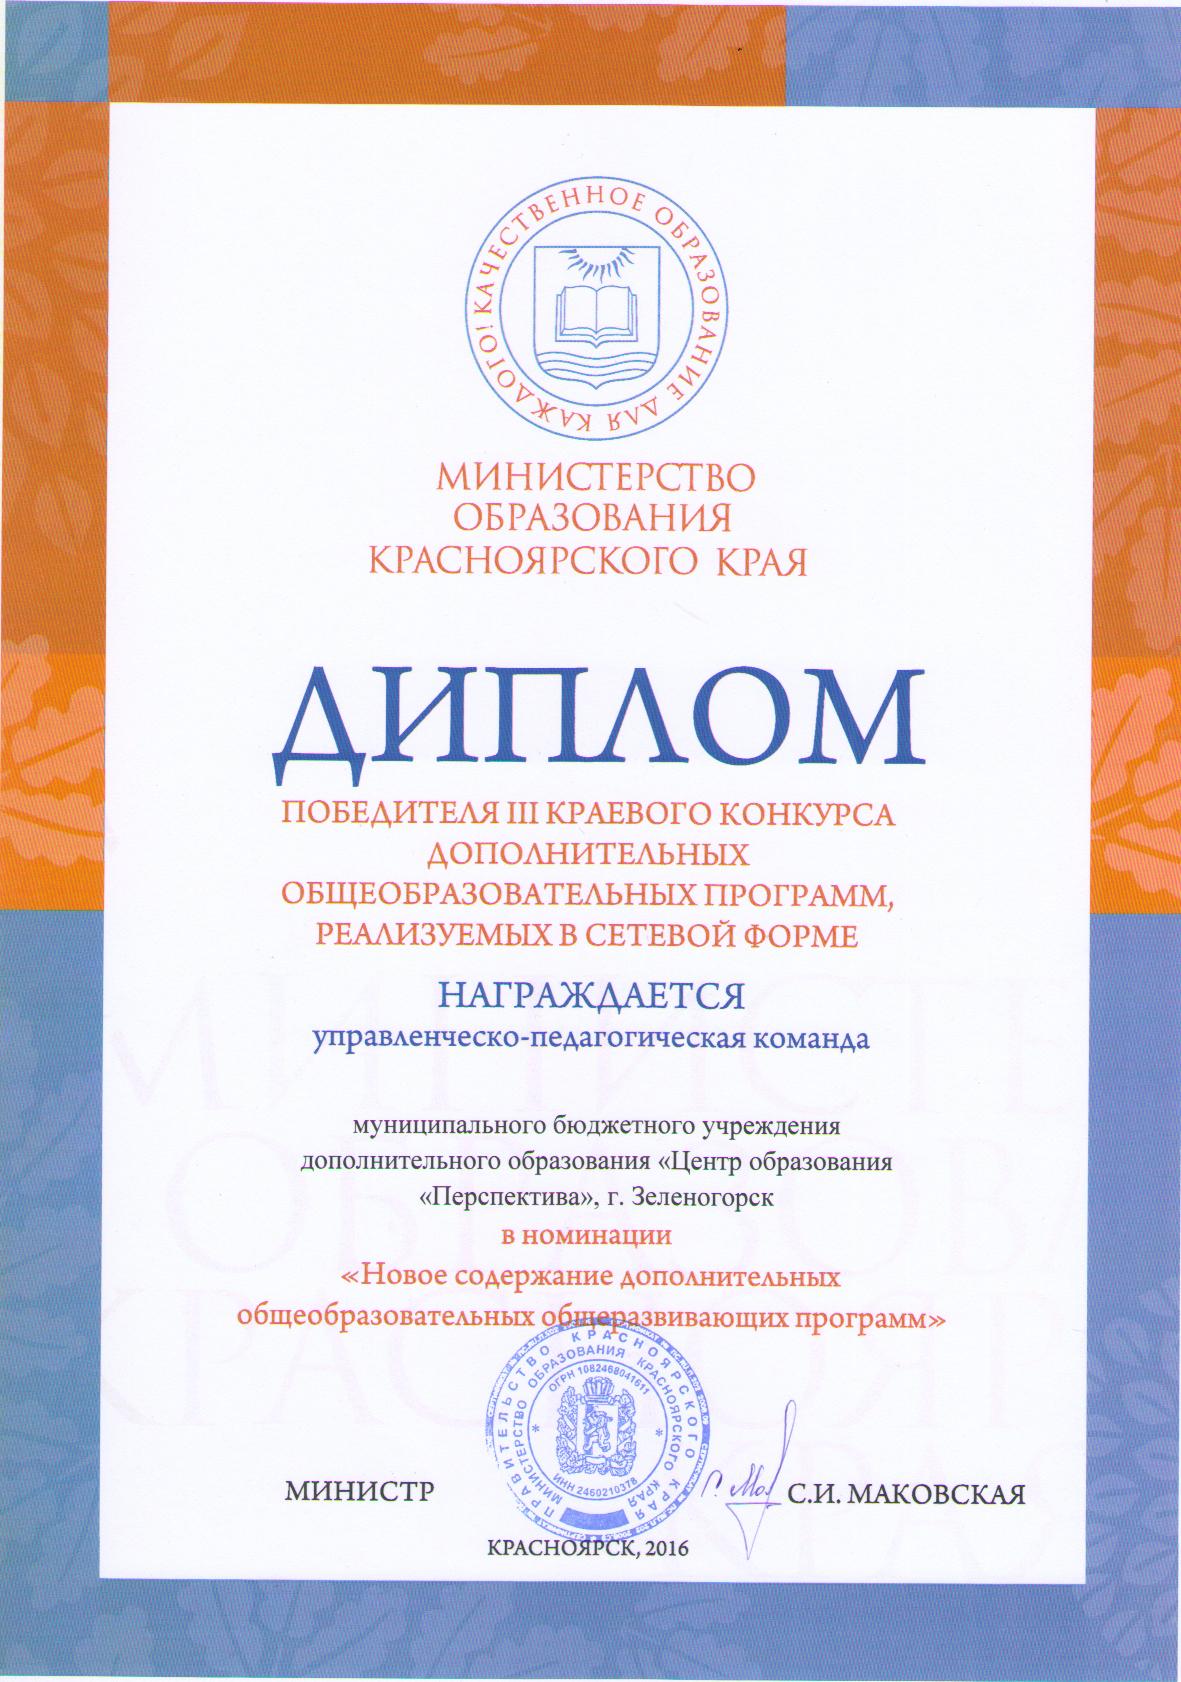 Диплом победителя Краевого конкурса ДОП реализуемых в сетевой форме